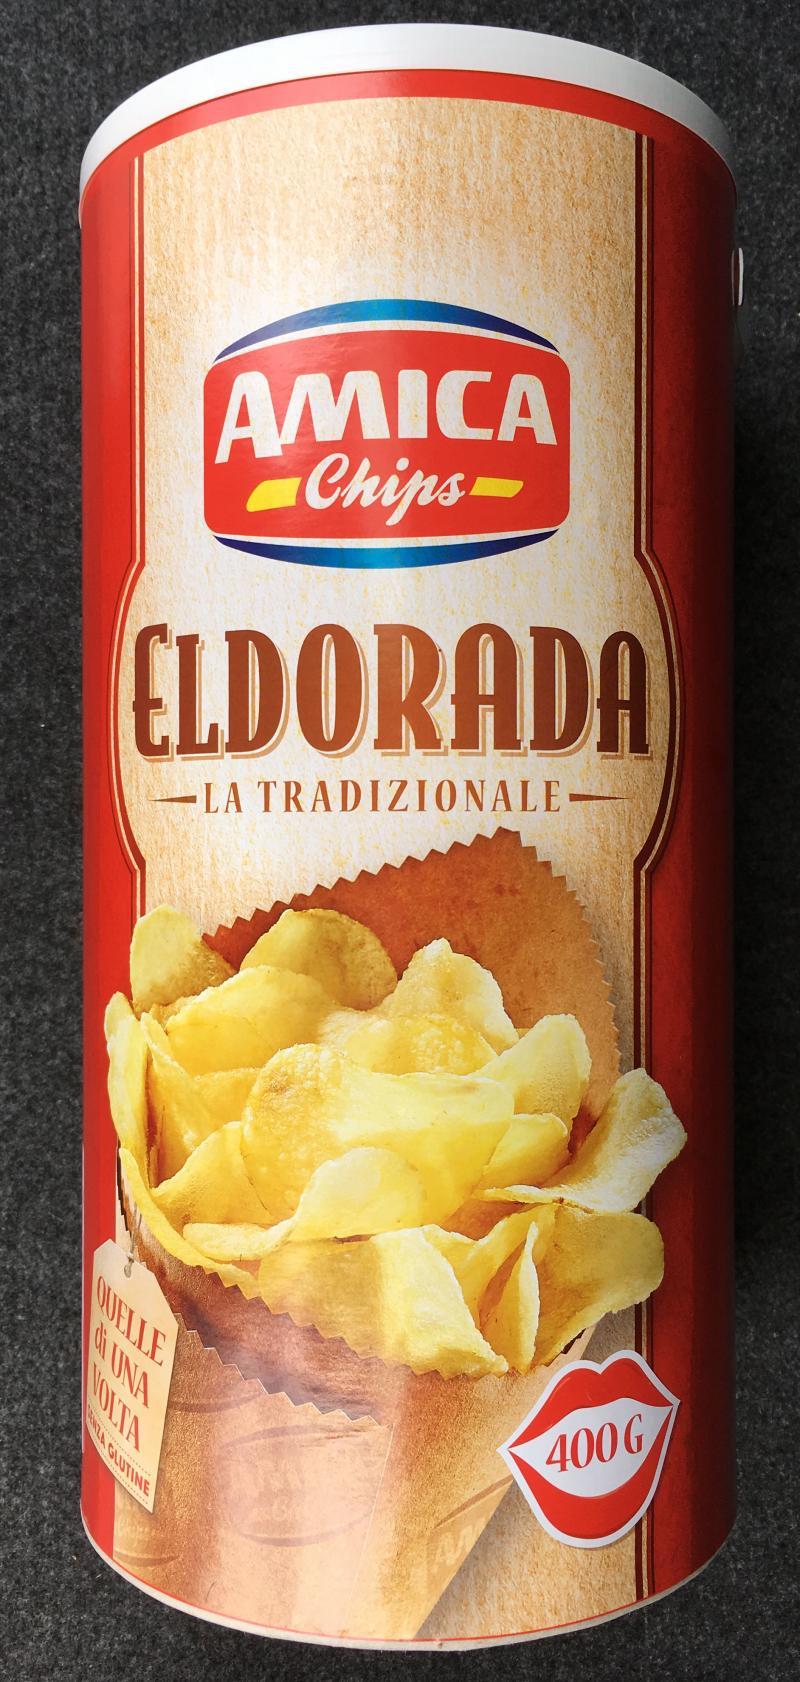 [2]が投稿したAMICA Chips アミカ チップス エルドラド トラディショナル ポテトチップスの写真